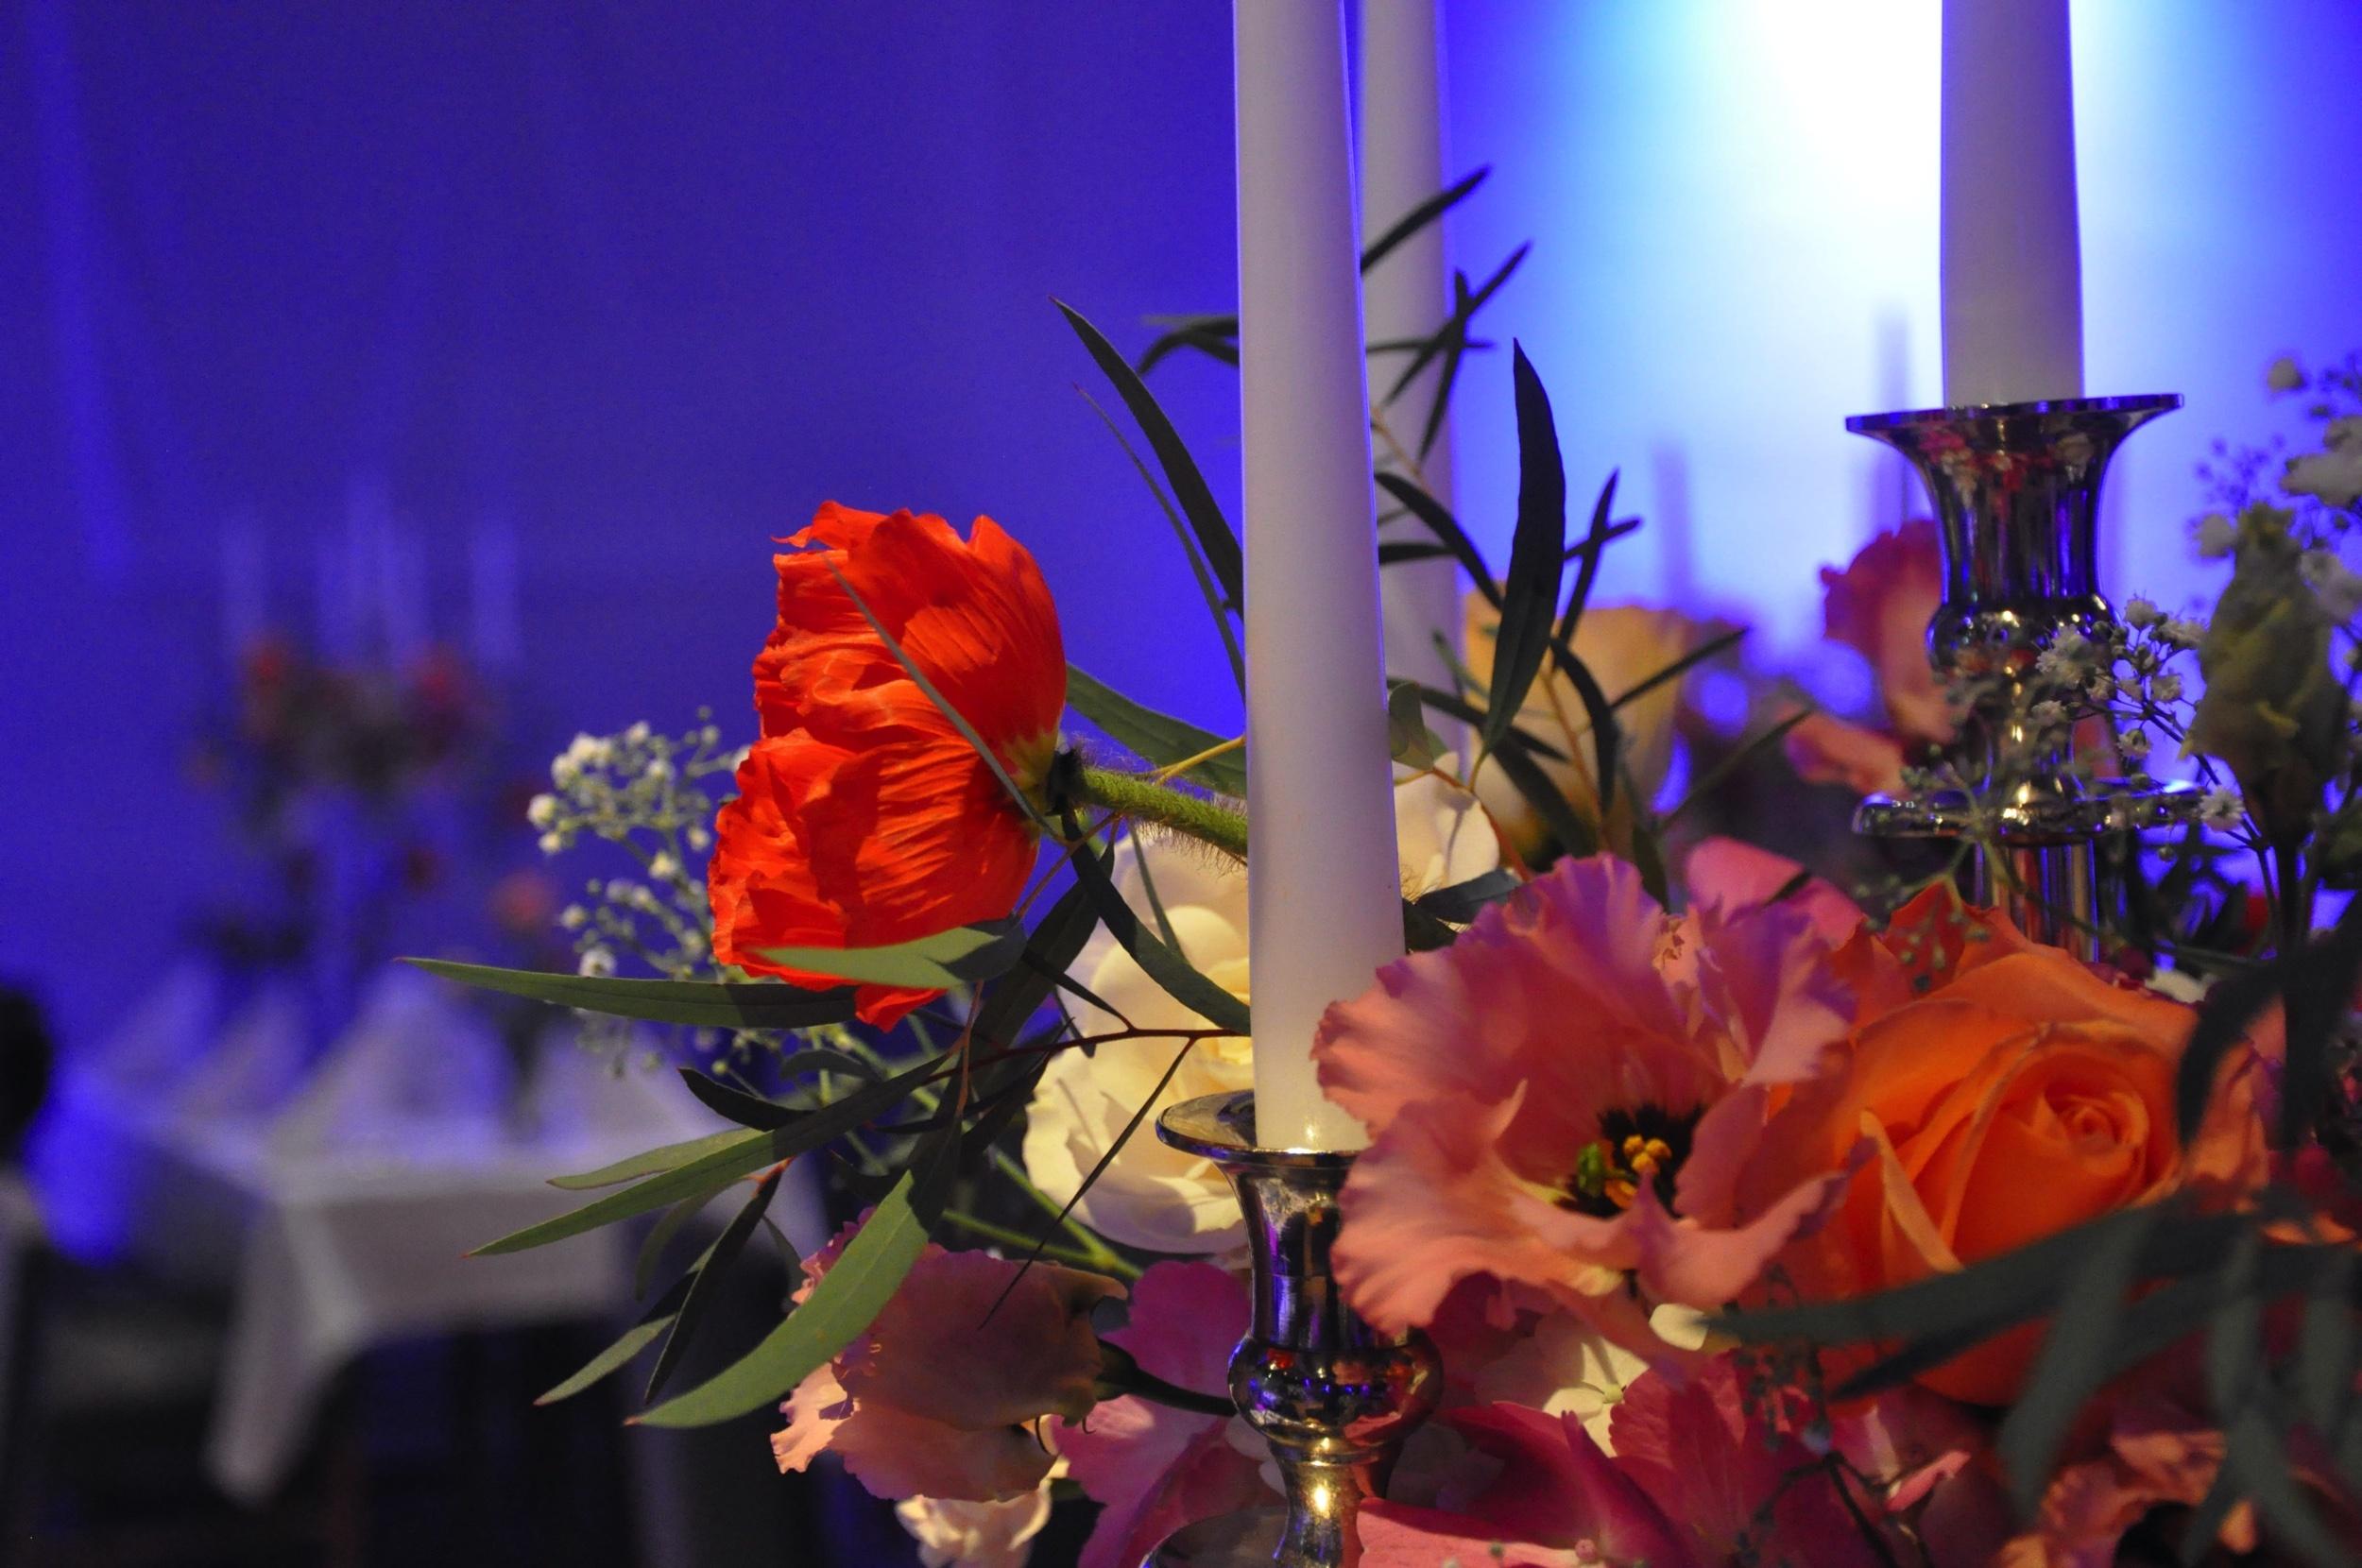 Tischdeko Mit Kerzen Stimmungsvoll